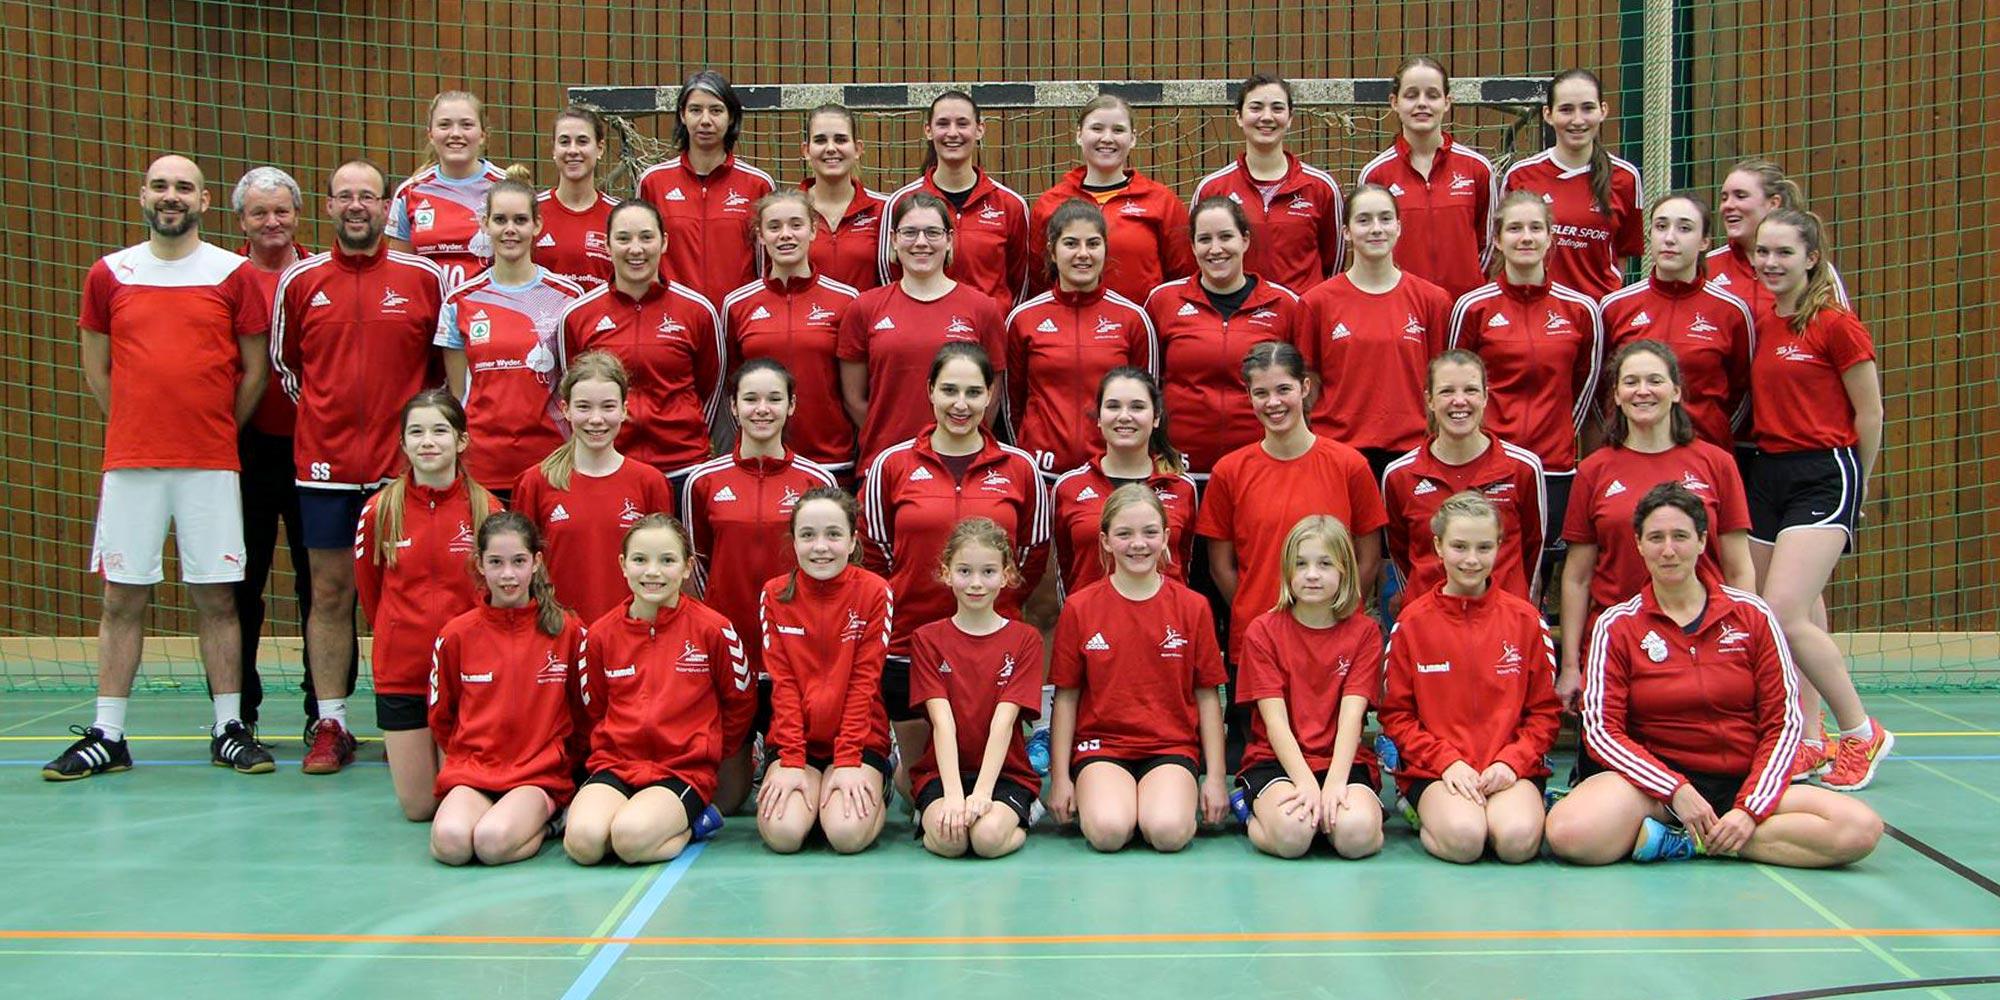 TV Zofingen Handball Frauen - Saison 2017/18